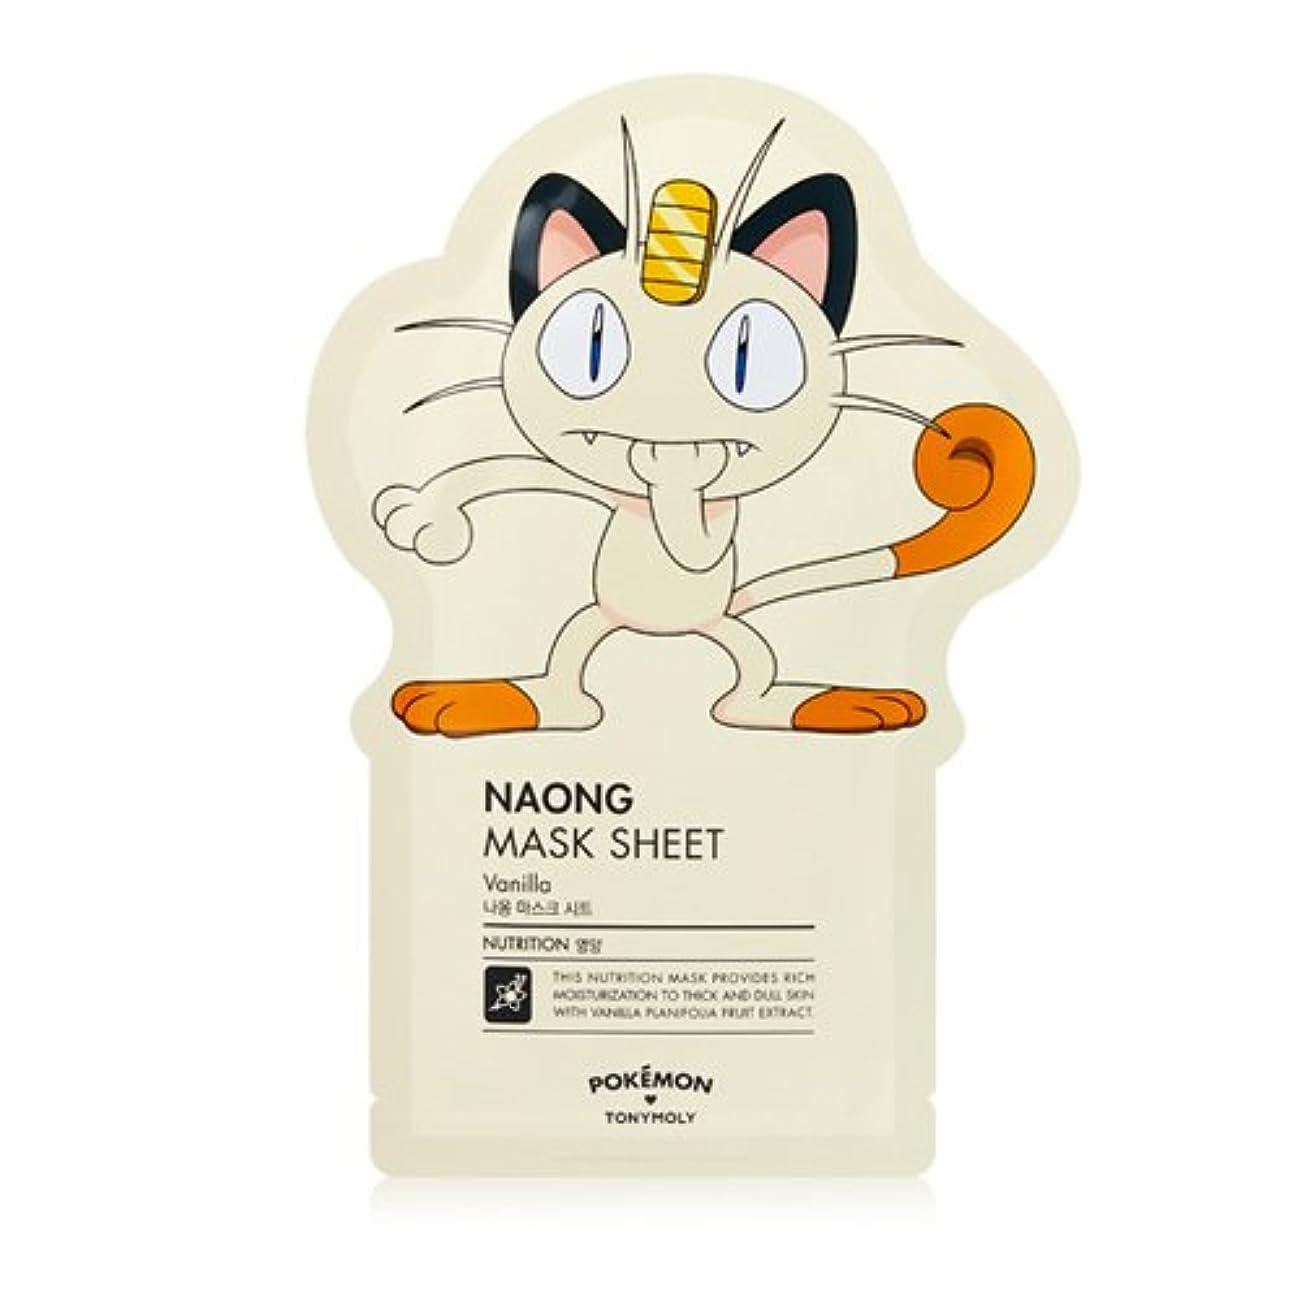 テクスチャーランデブー有毒(6 Pack) TONYMOLY x Pokemon Meowth/Naong Mask Sheet (並行輸入品)